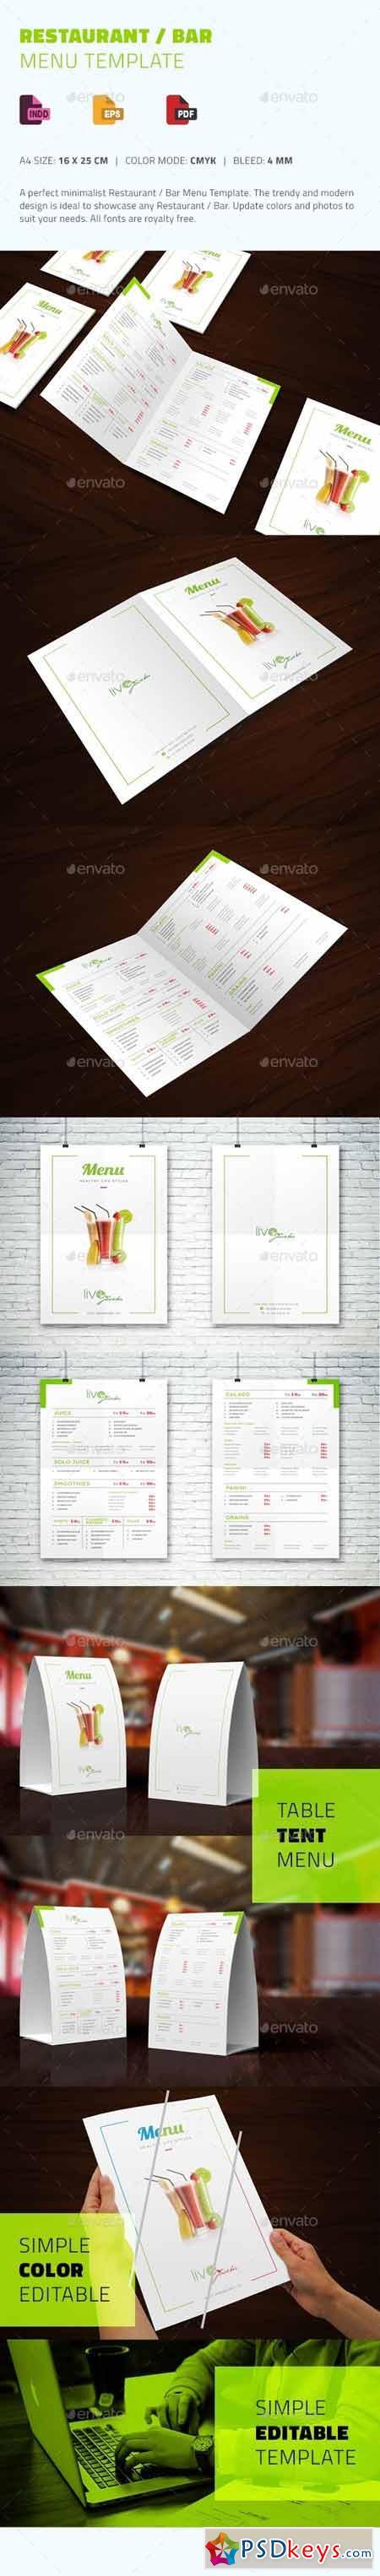 Restaurant Bar Menu Template 13341922